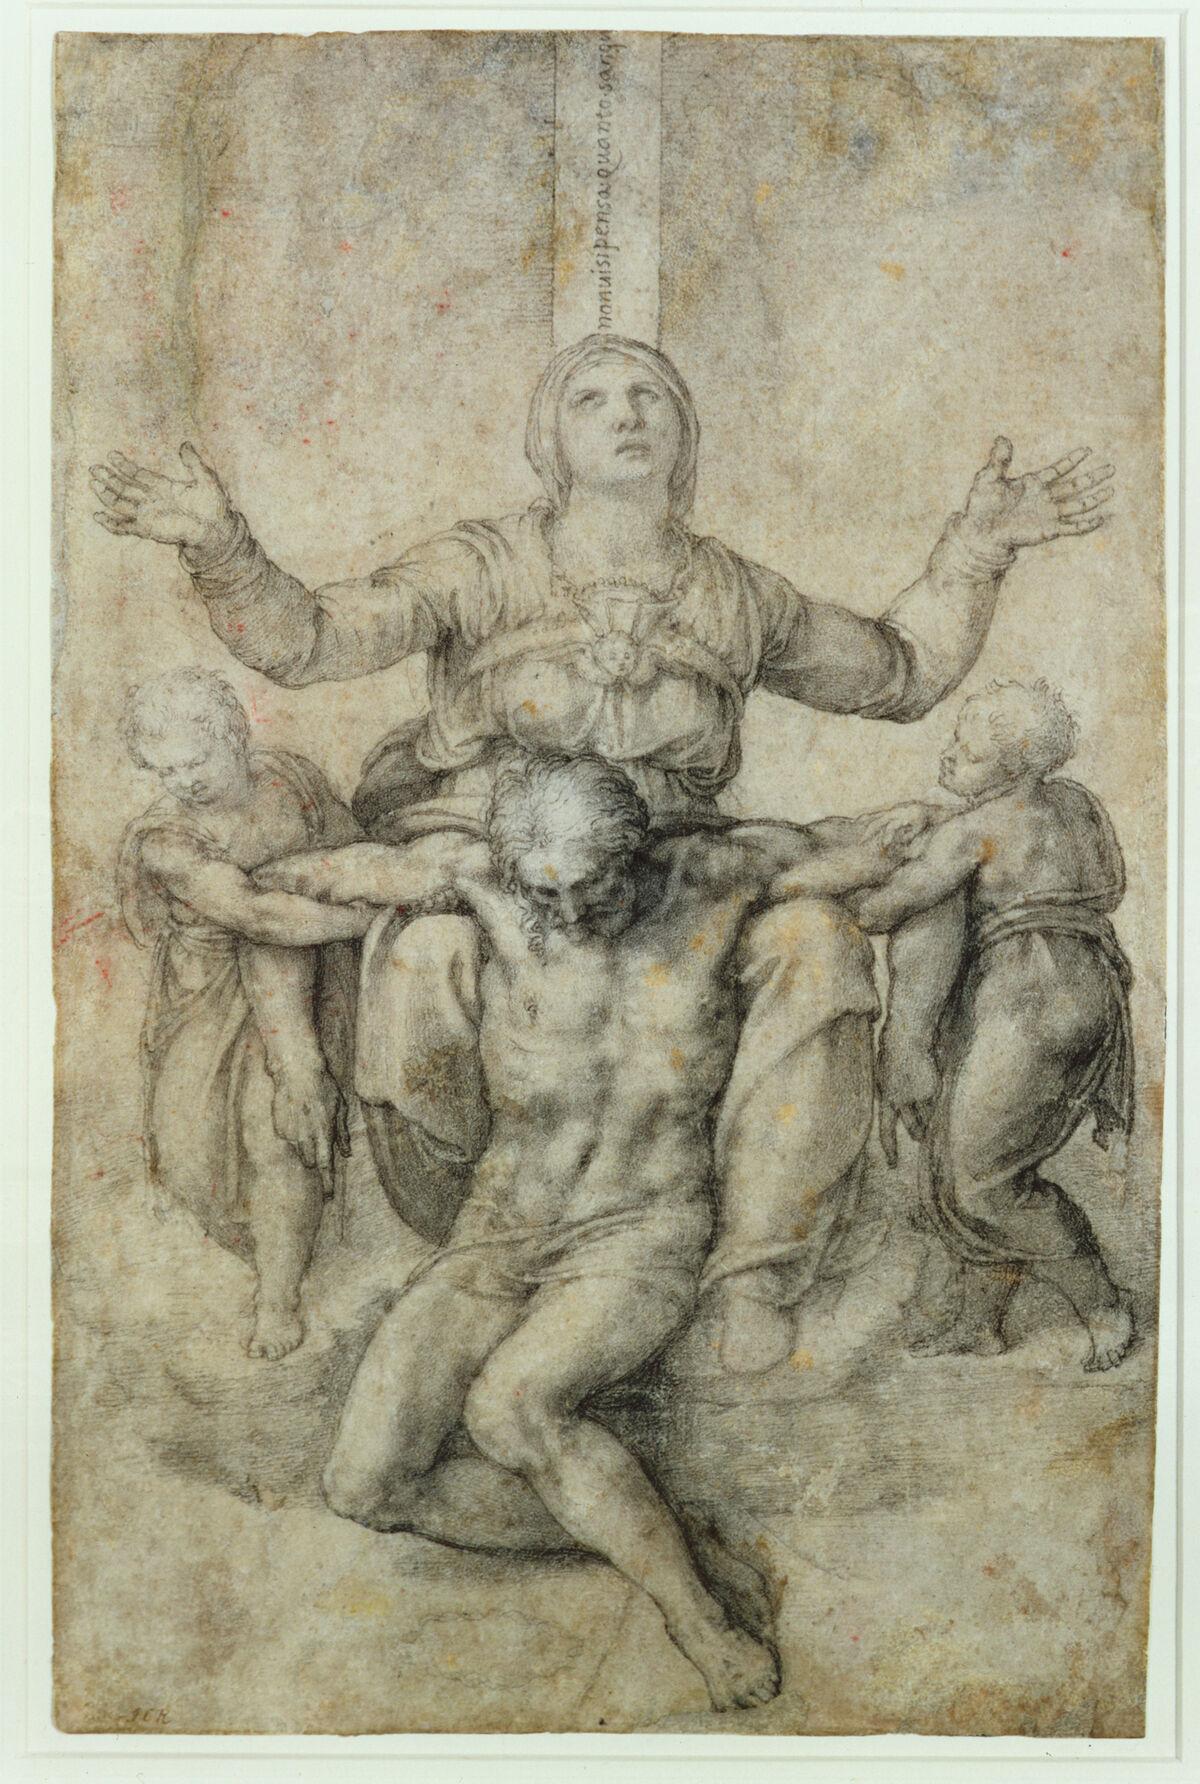 Michelangelo, Pietà per Vittoria Colonna, 1546. Image via Wikimedia Commons.